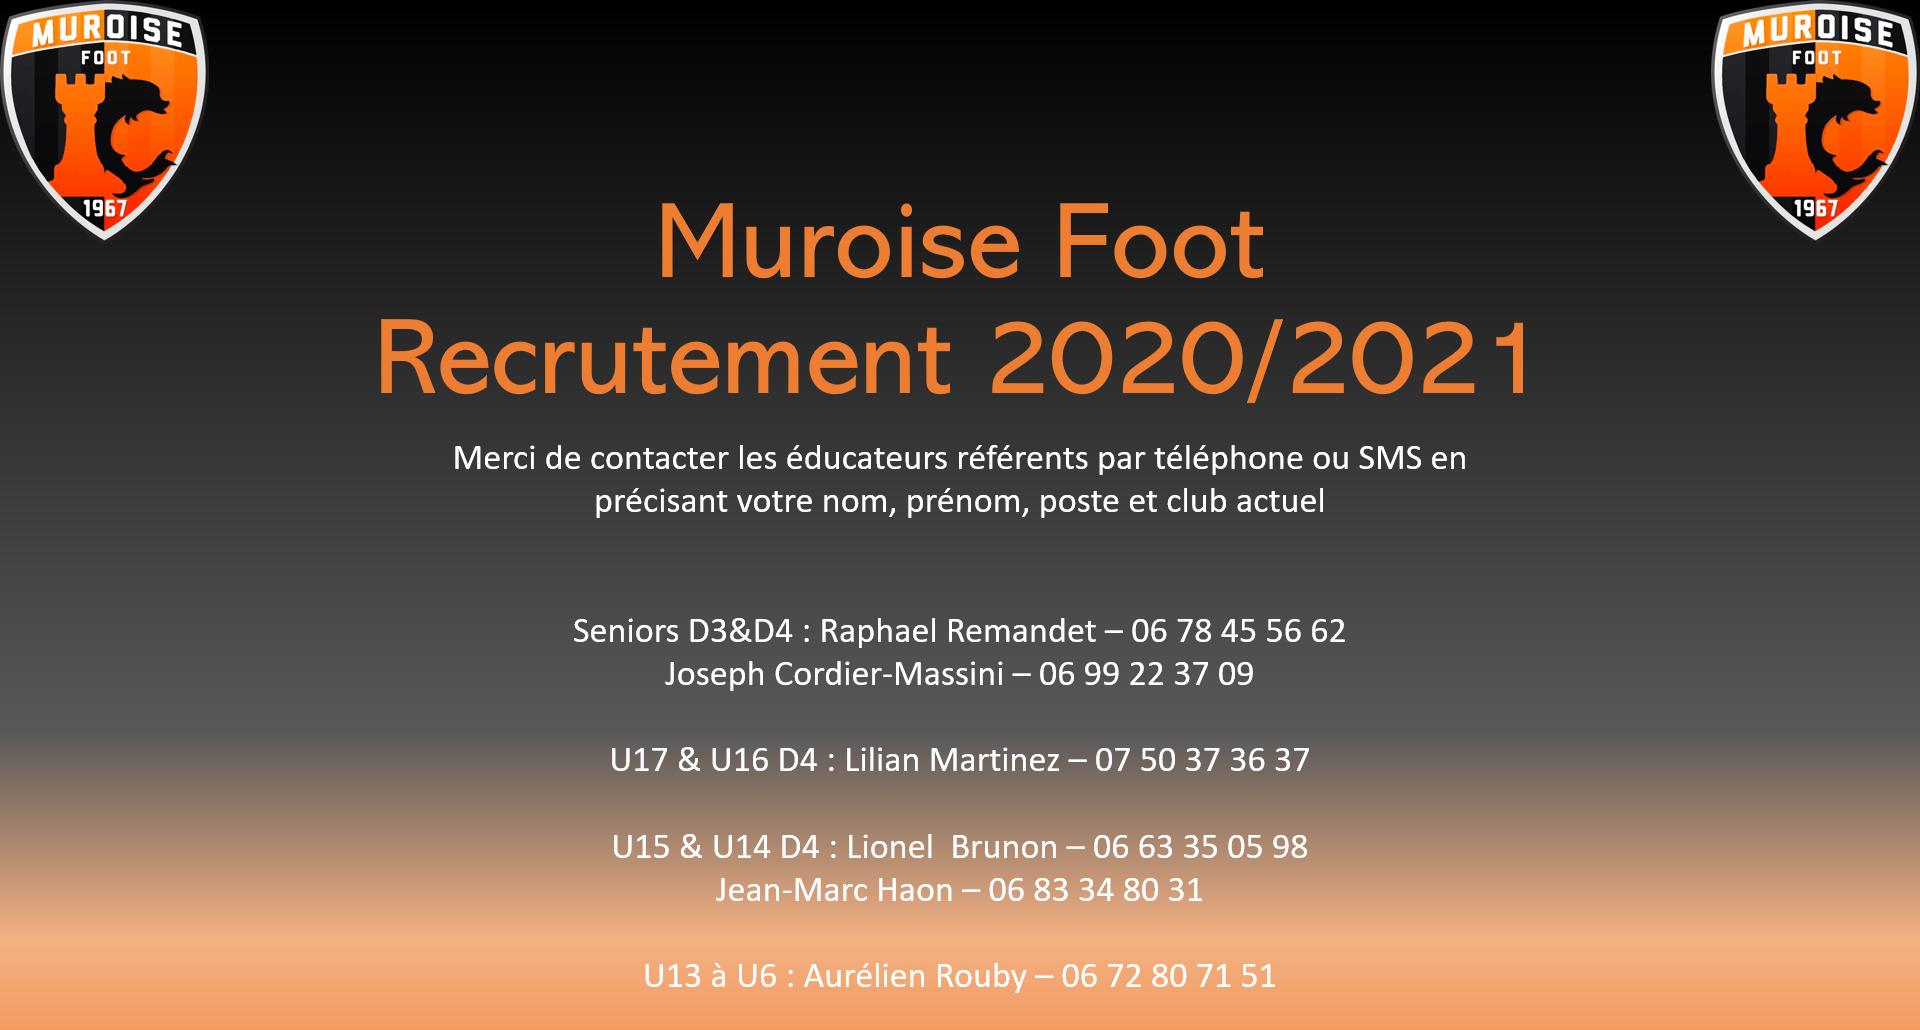 Recrutement Muroise Foot pour la saison 2020-2021